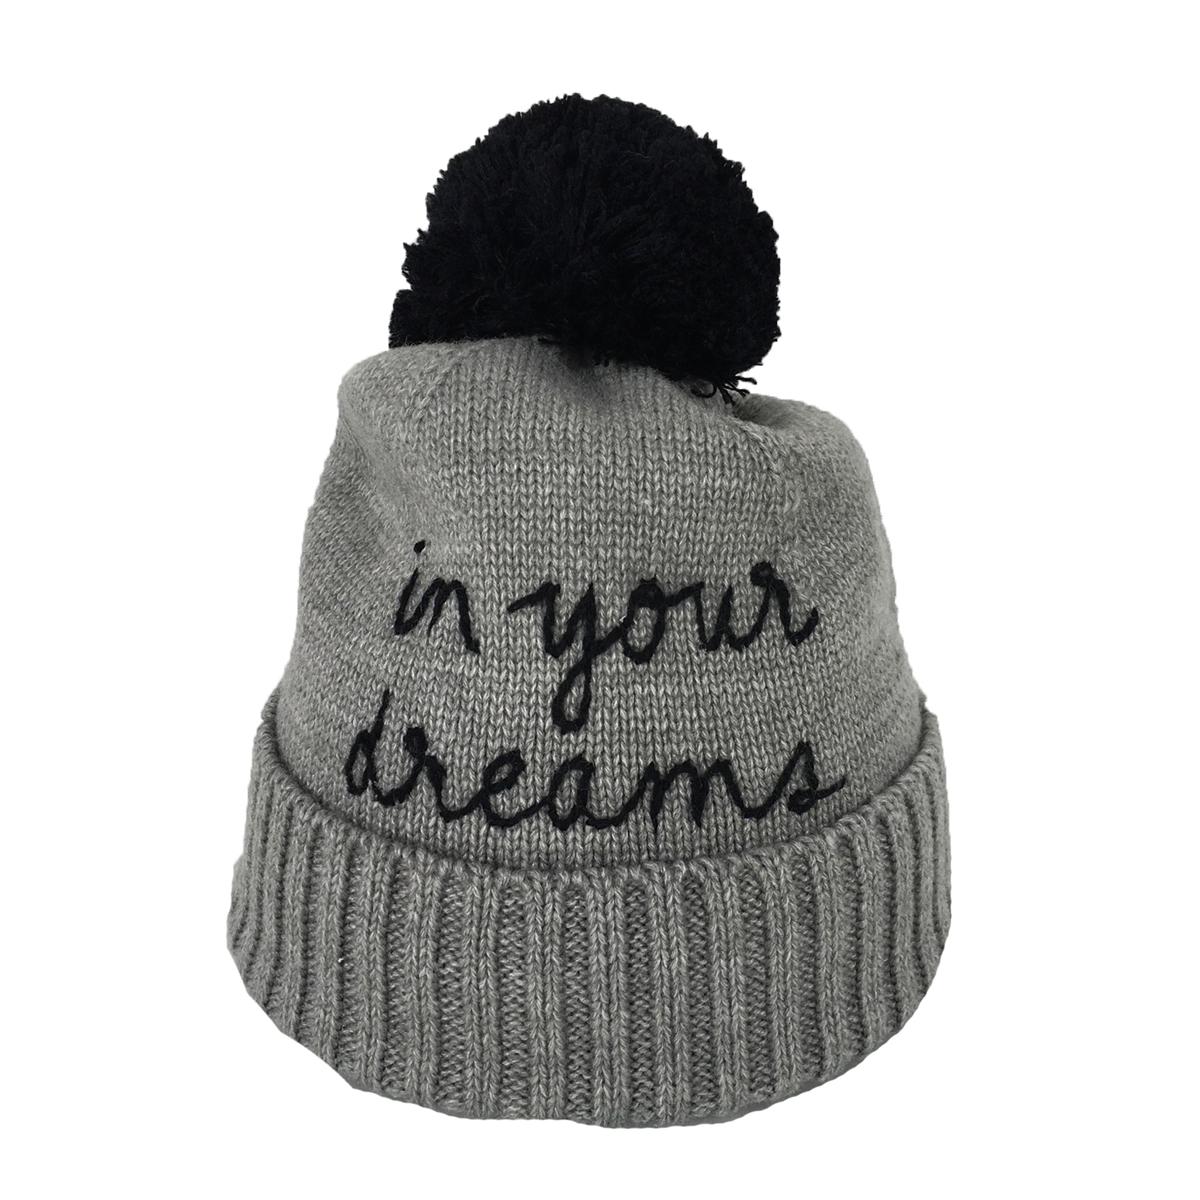 Kate Spade In Your Dreams Pom Pom Beanie Hat e5e6643a22bc